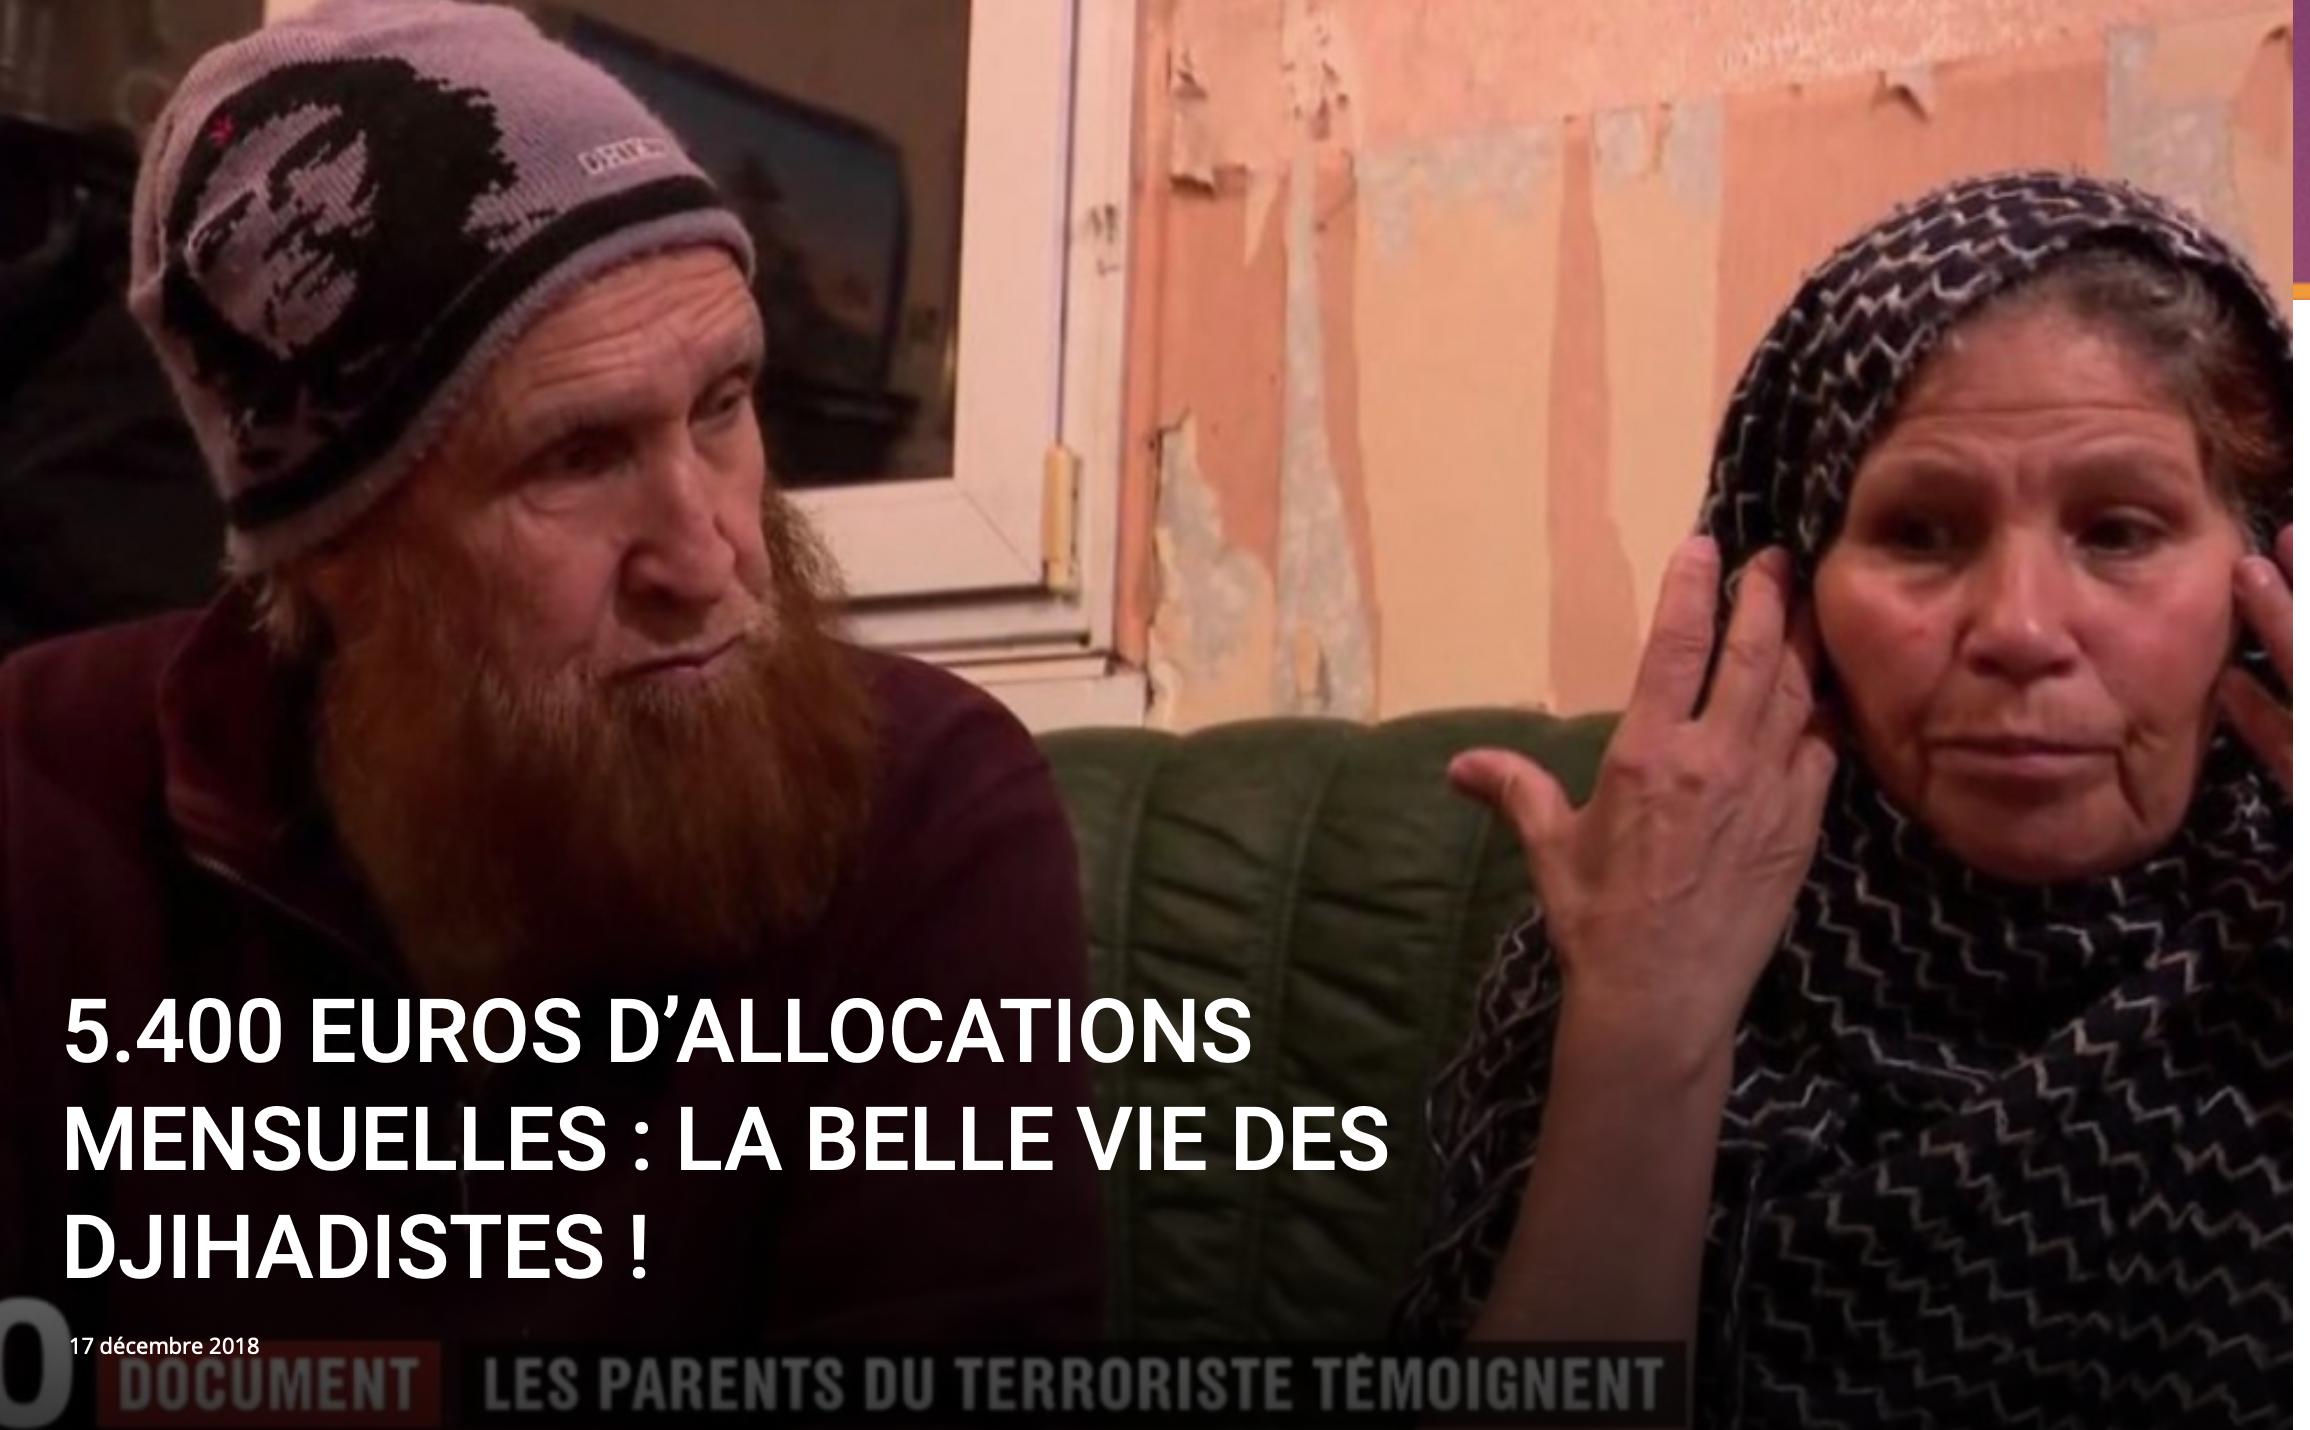 5400 euros d'allocations mensuelles pour le père du tueur de Strasbourg